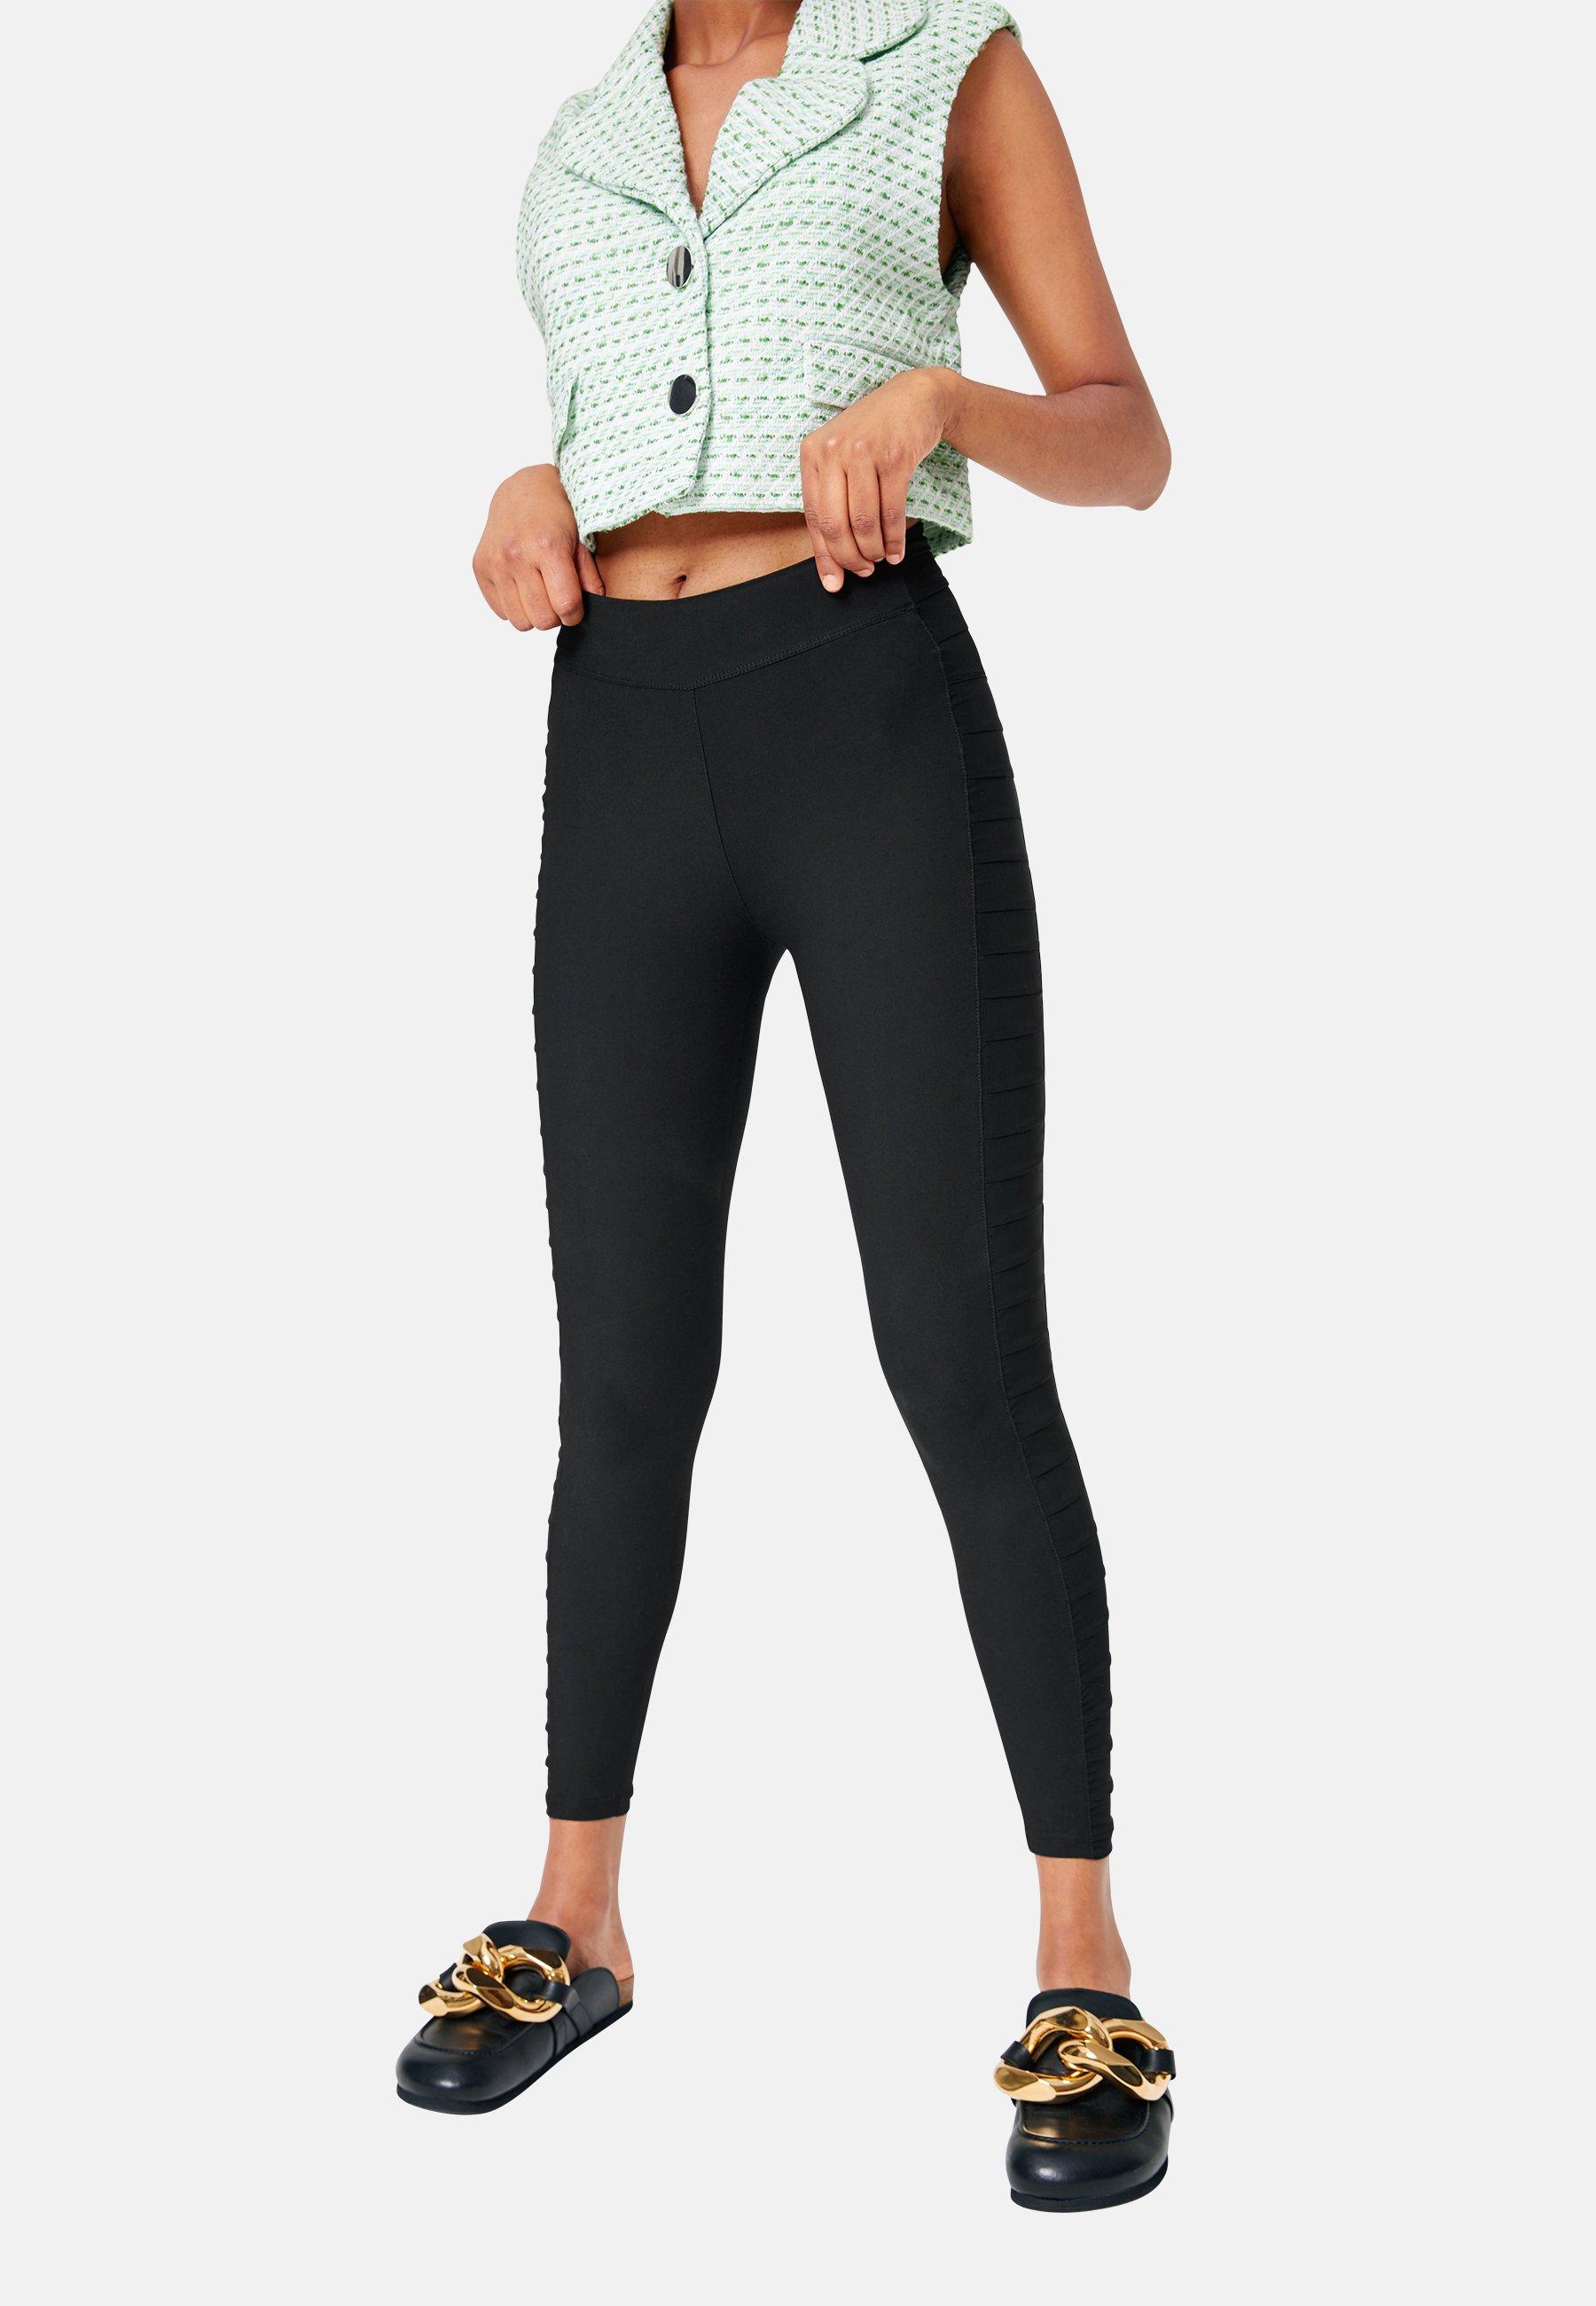 Damen SHAPE LEGGINGS PLEATED RIDER - Leggings - Hosen